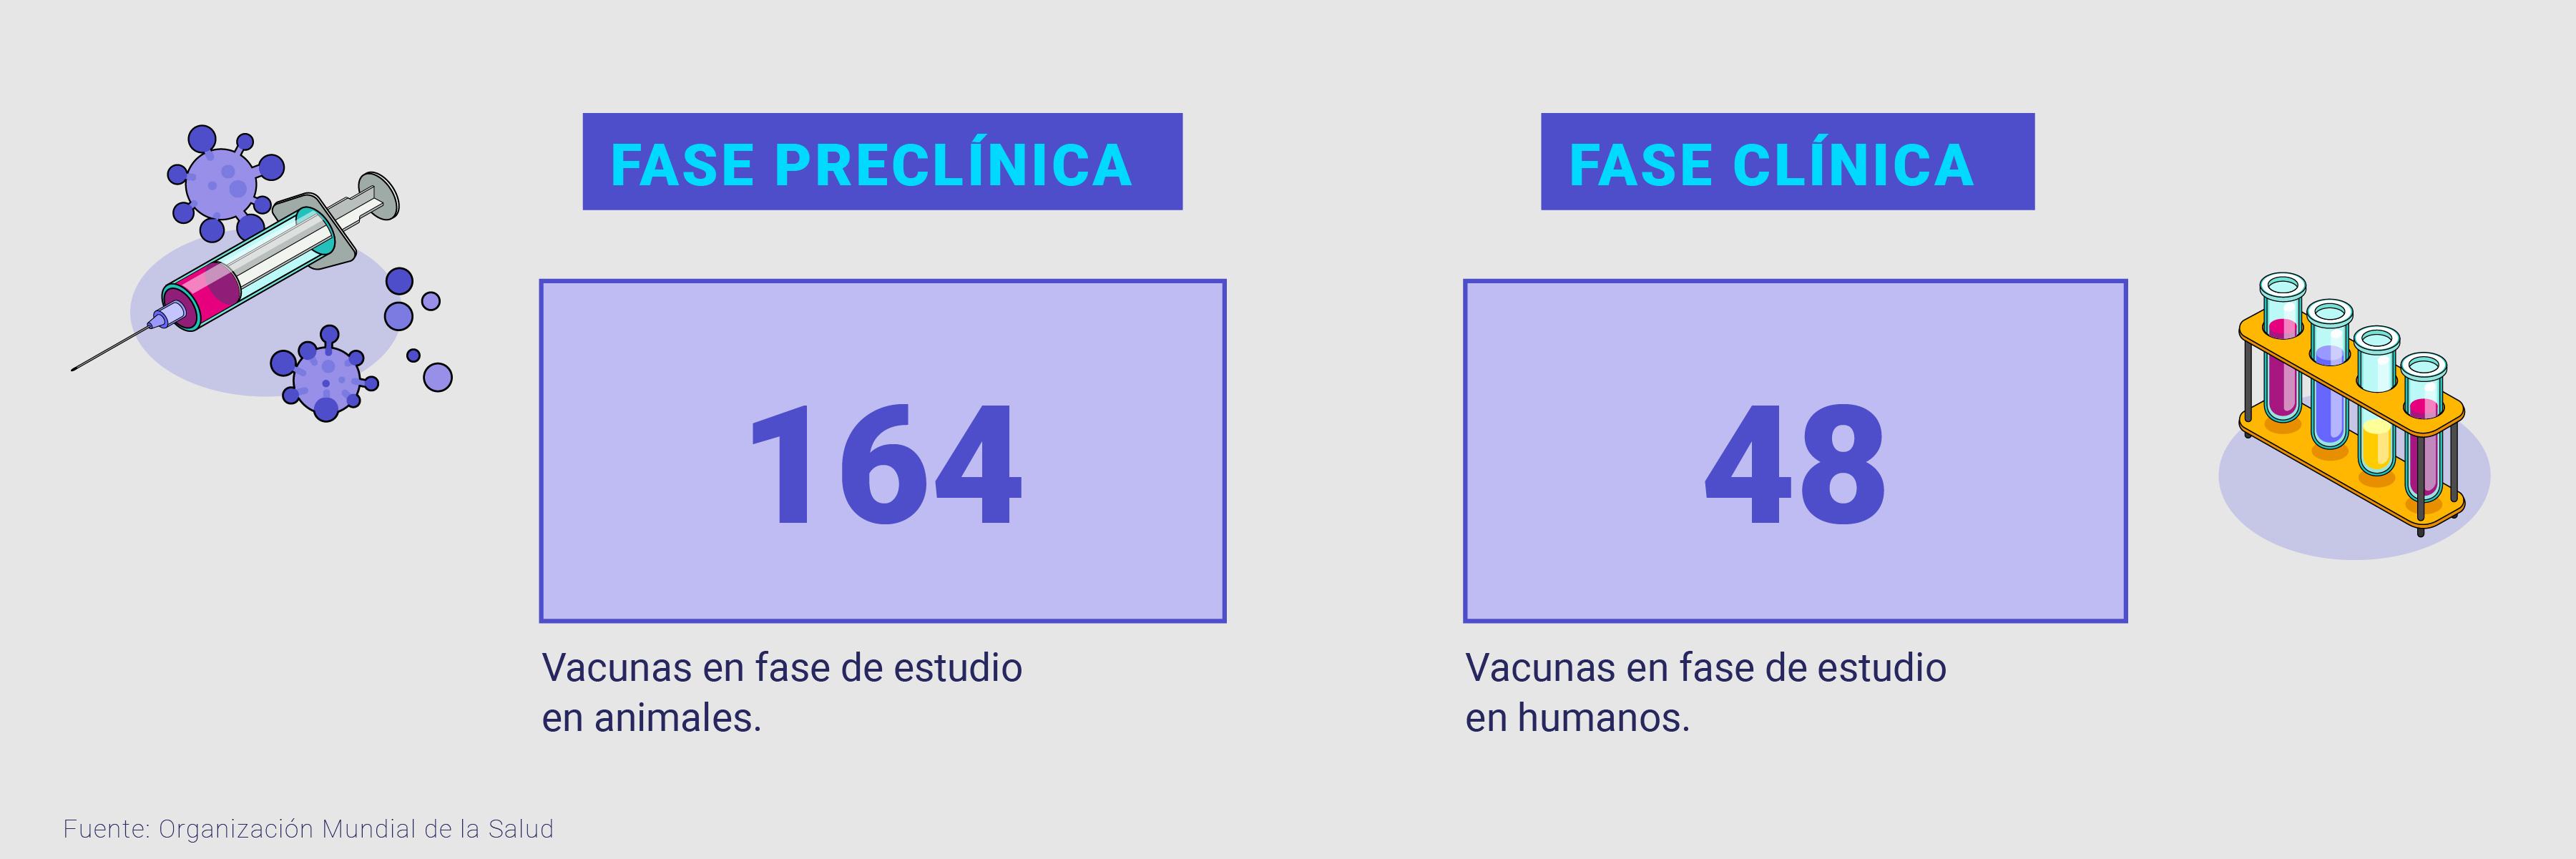 cuántas vacunas hay